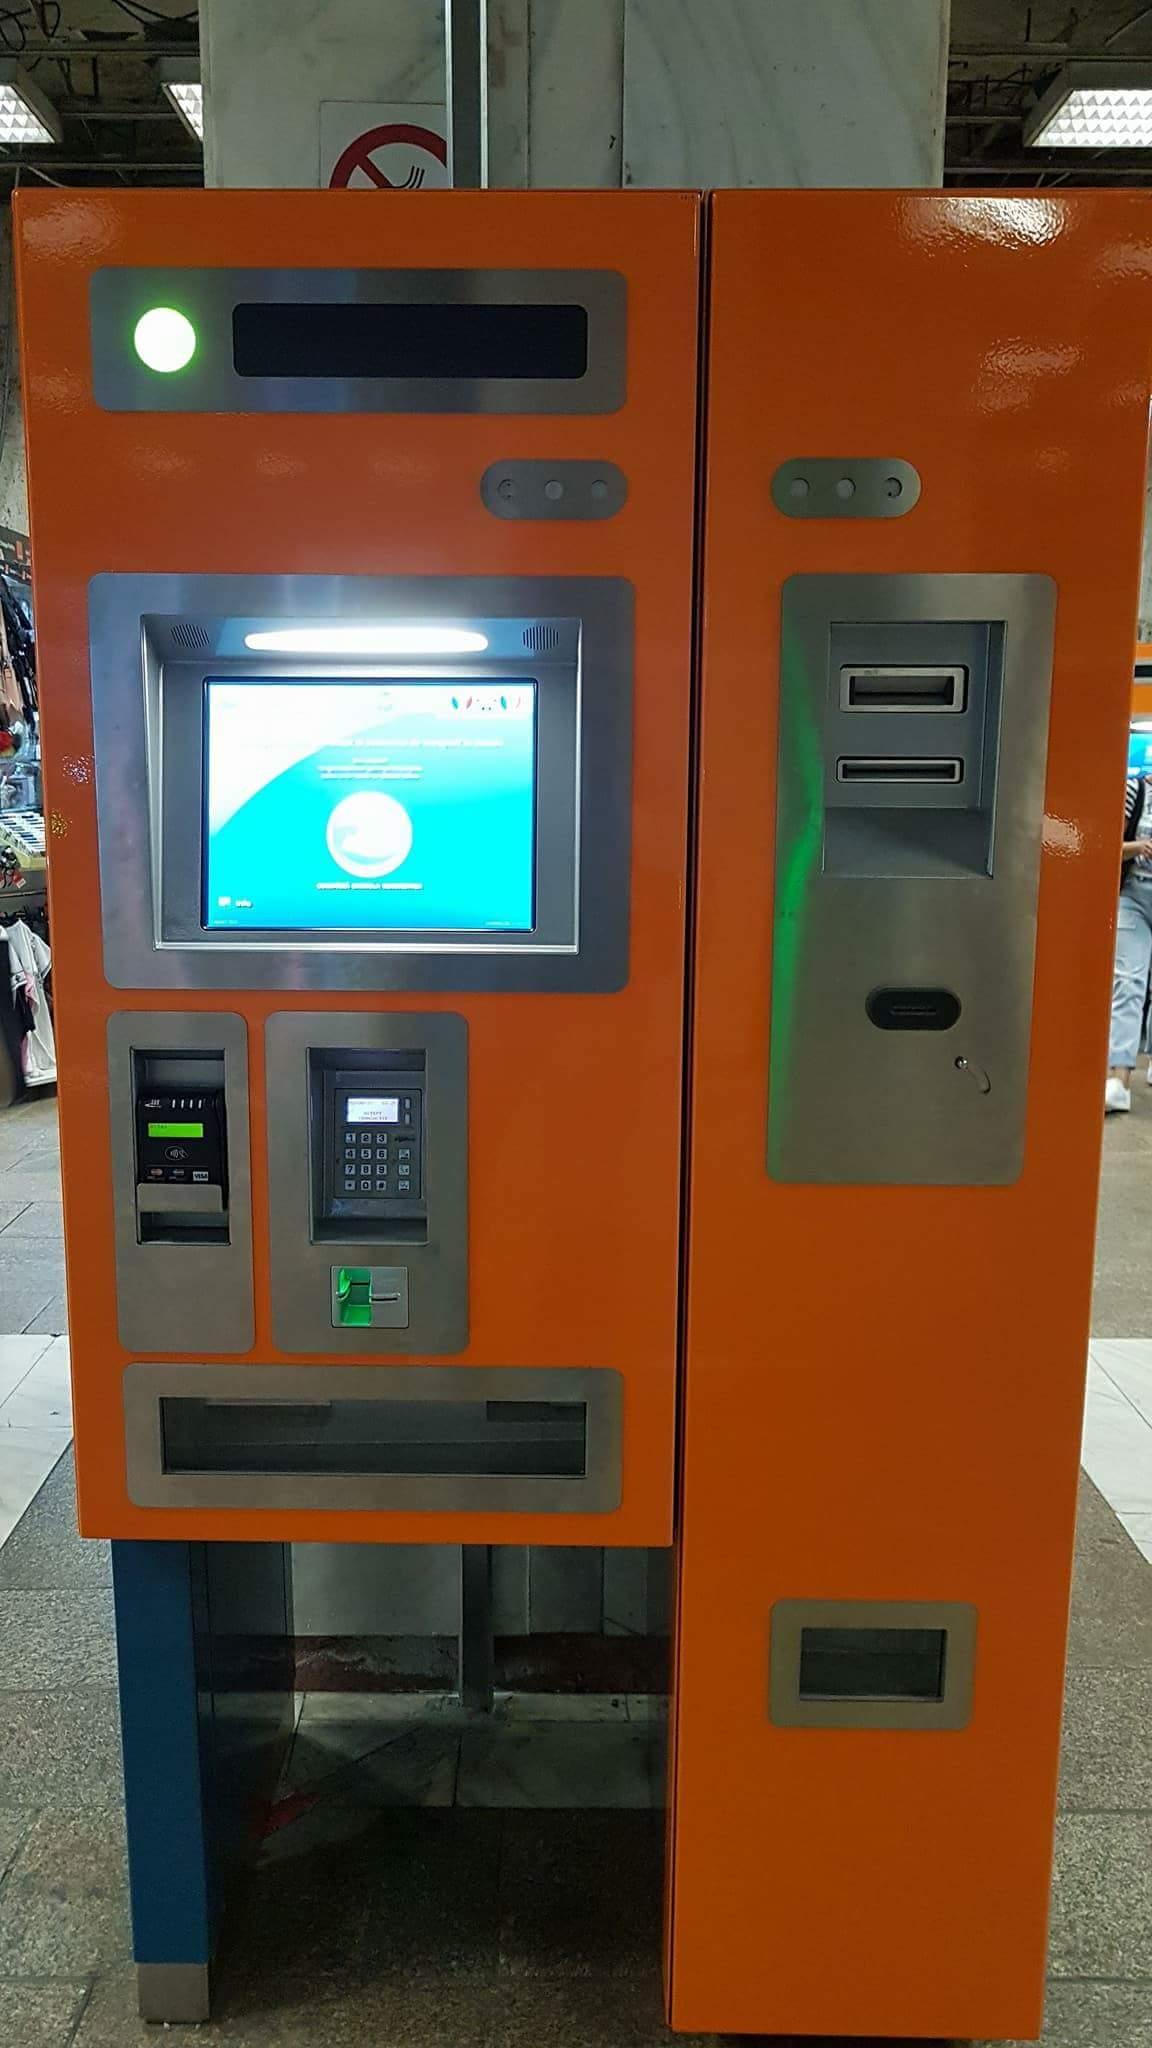 Metrorex are automate noi de cartele. Iar eu am reușit să blochez unul deja